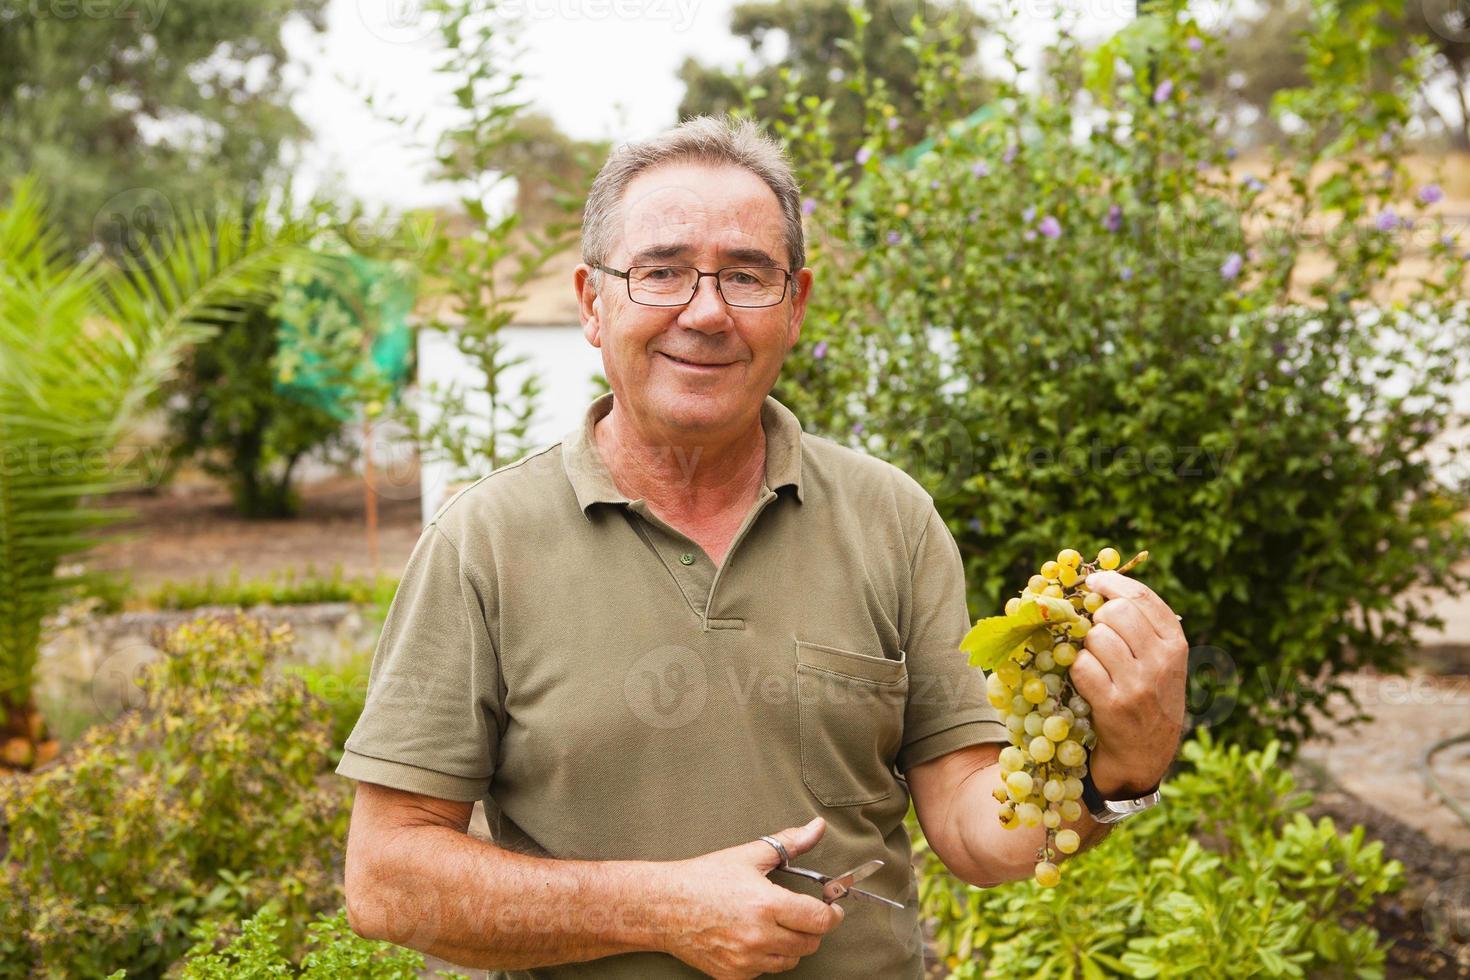 portret van glimlachende senior man met een druivenoogst. foto